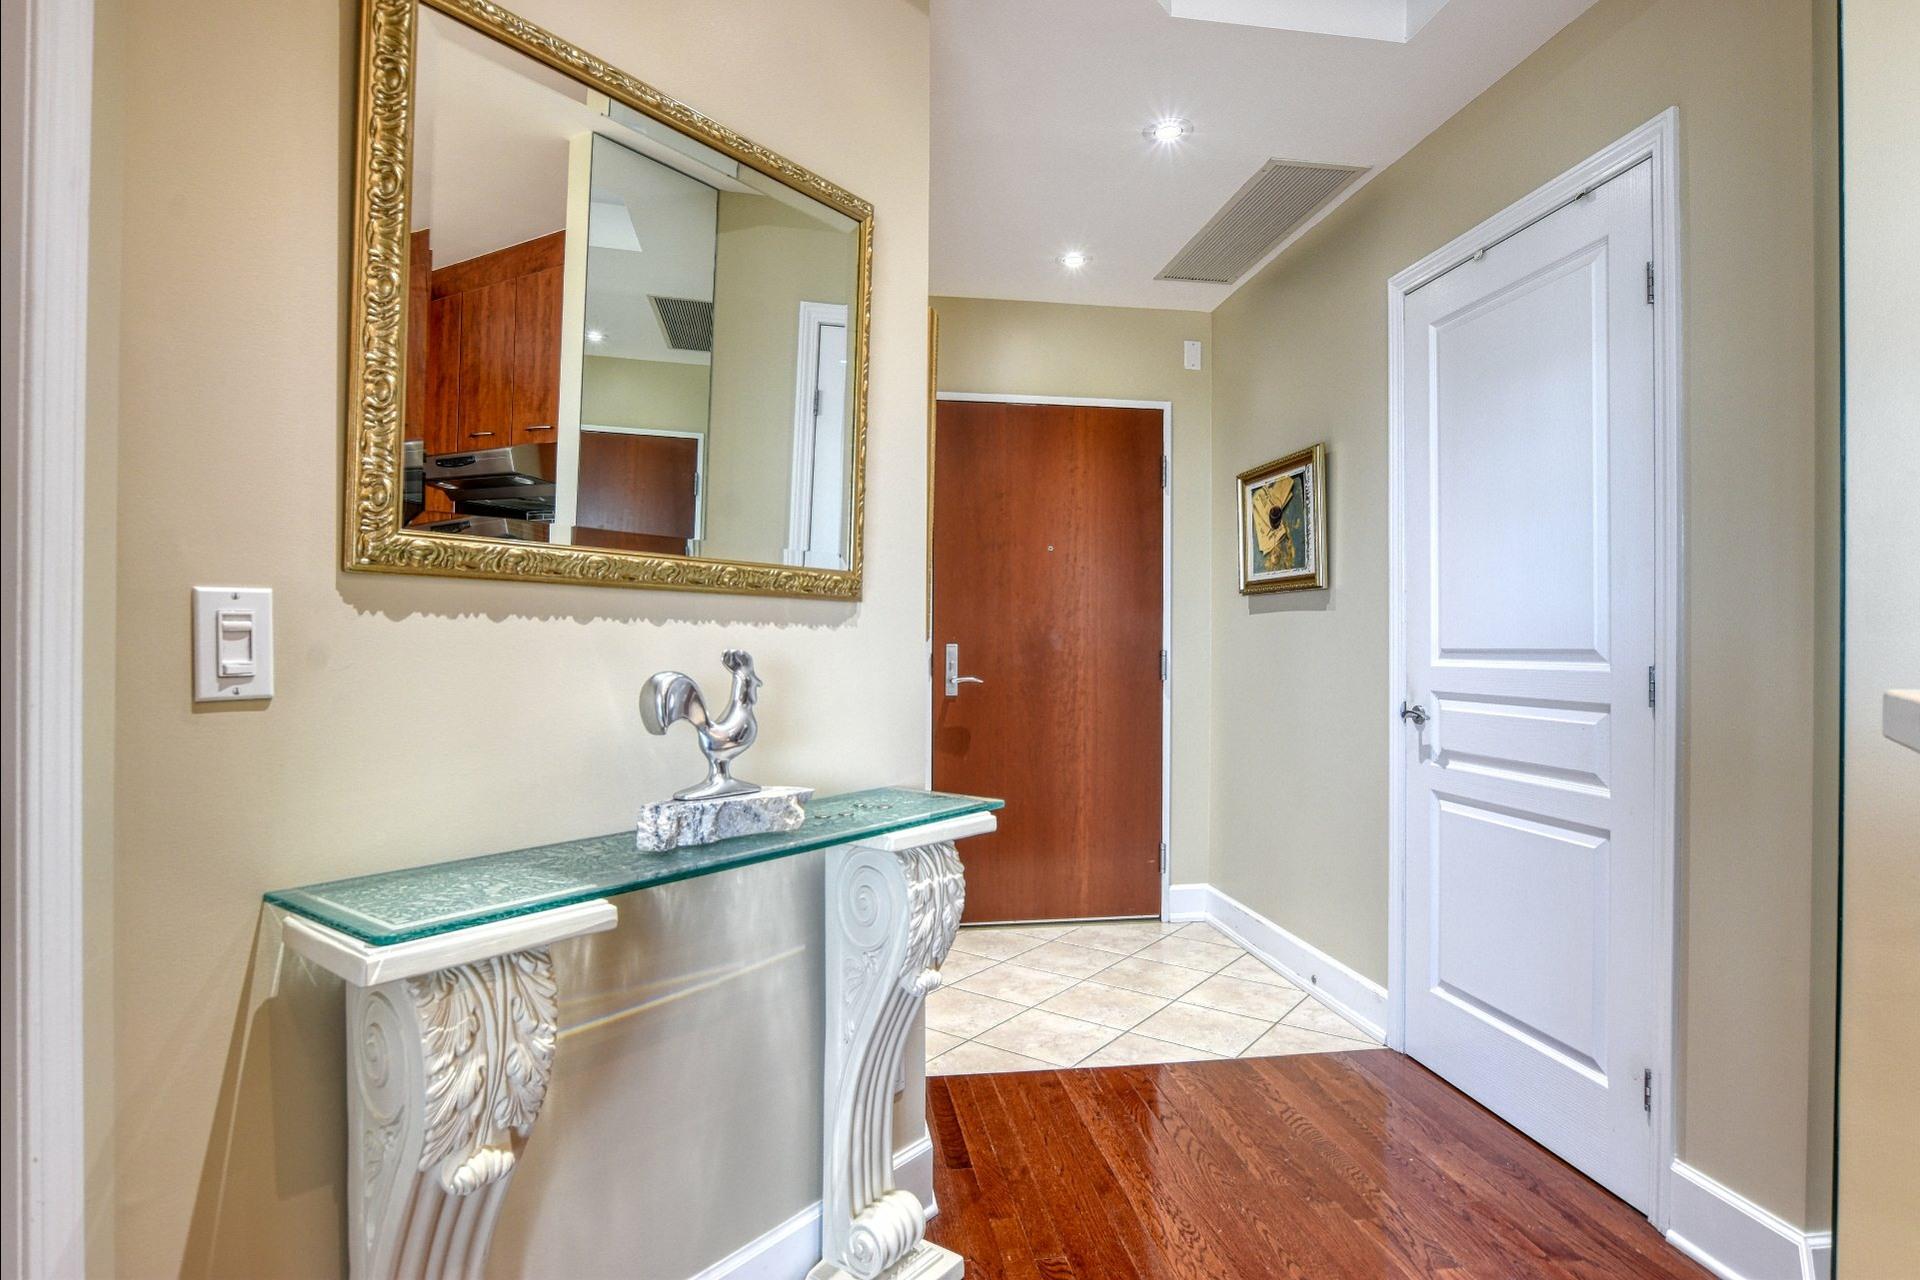 image 2 - Appartement À vendre Verdun/Île-des-Soeurs Montréal  - 5 pièces